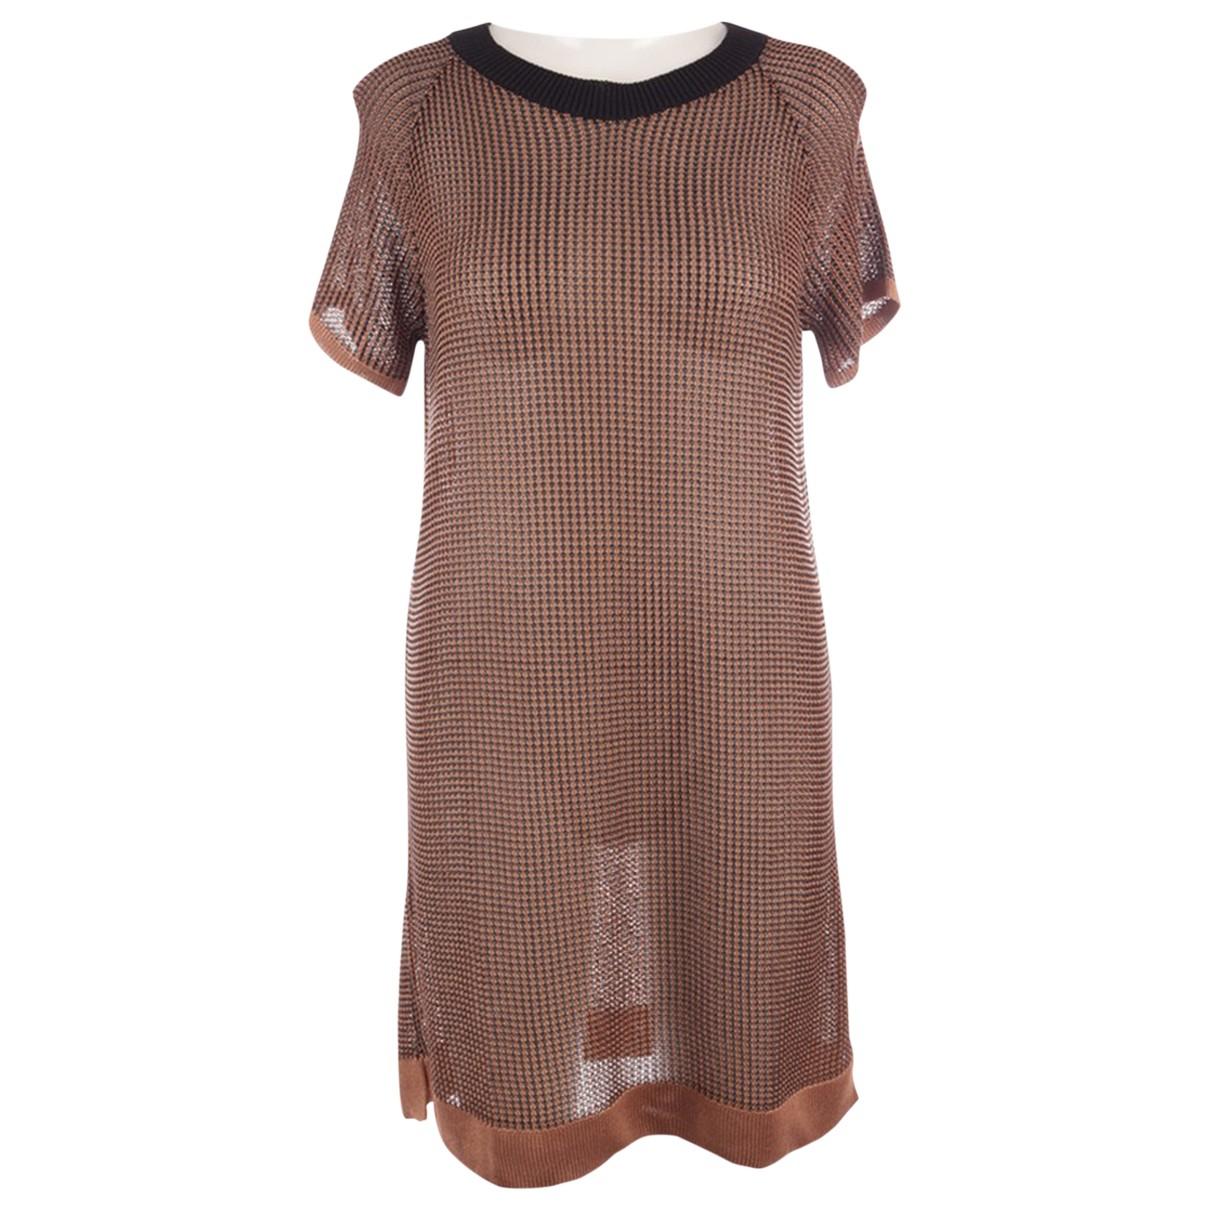 Wolford \N Kleid in  Braun Viskose